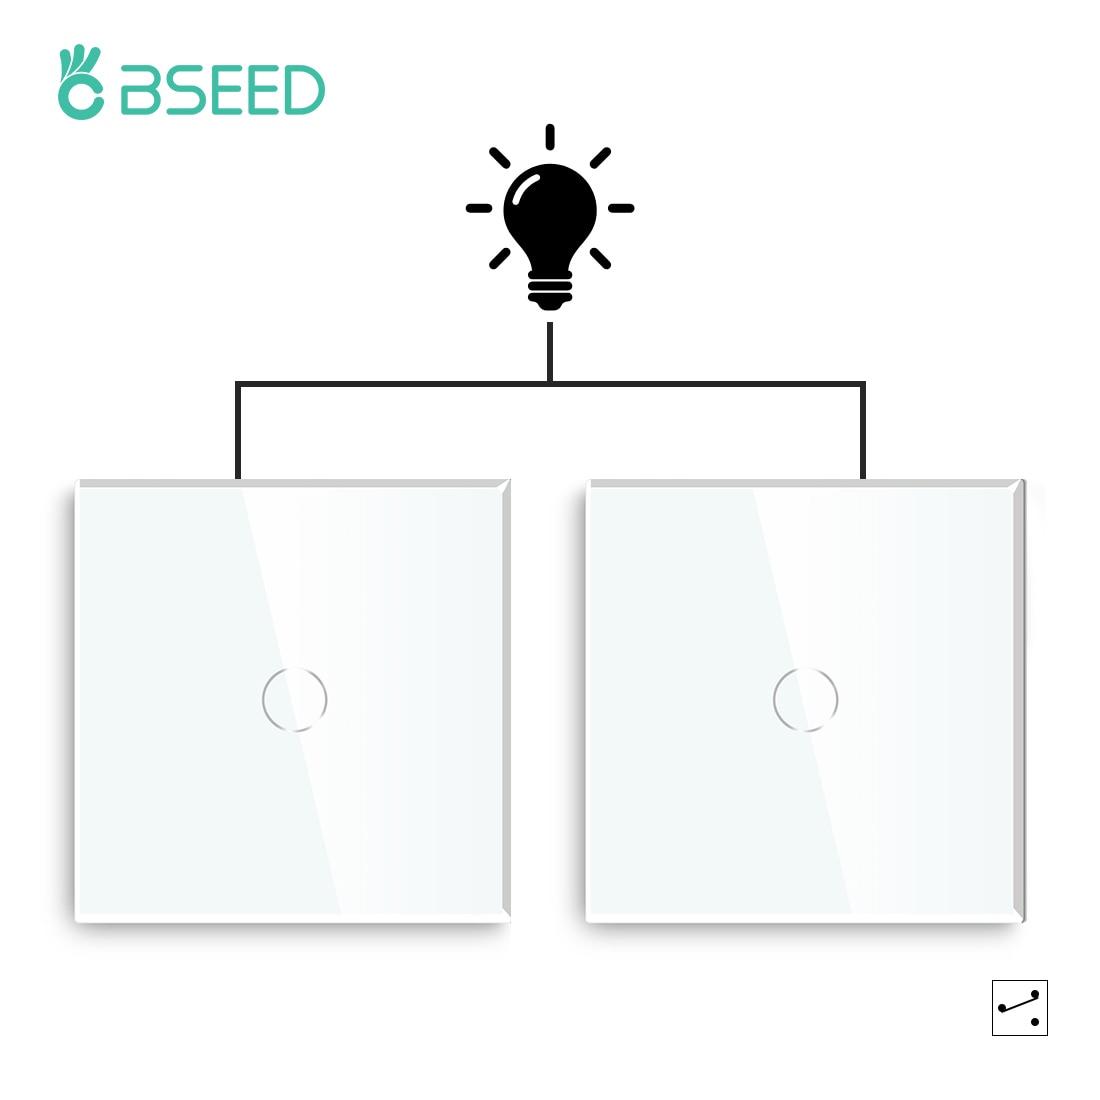 Stair-Switch Light Glass-Panel Bseed Black 1-Gang Home Improvement Golden 2-Way Standard